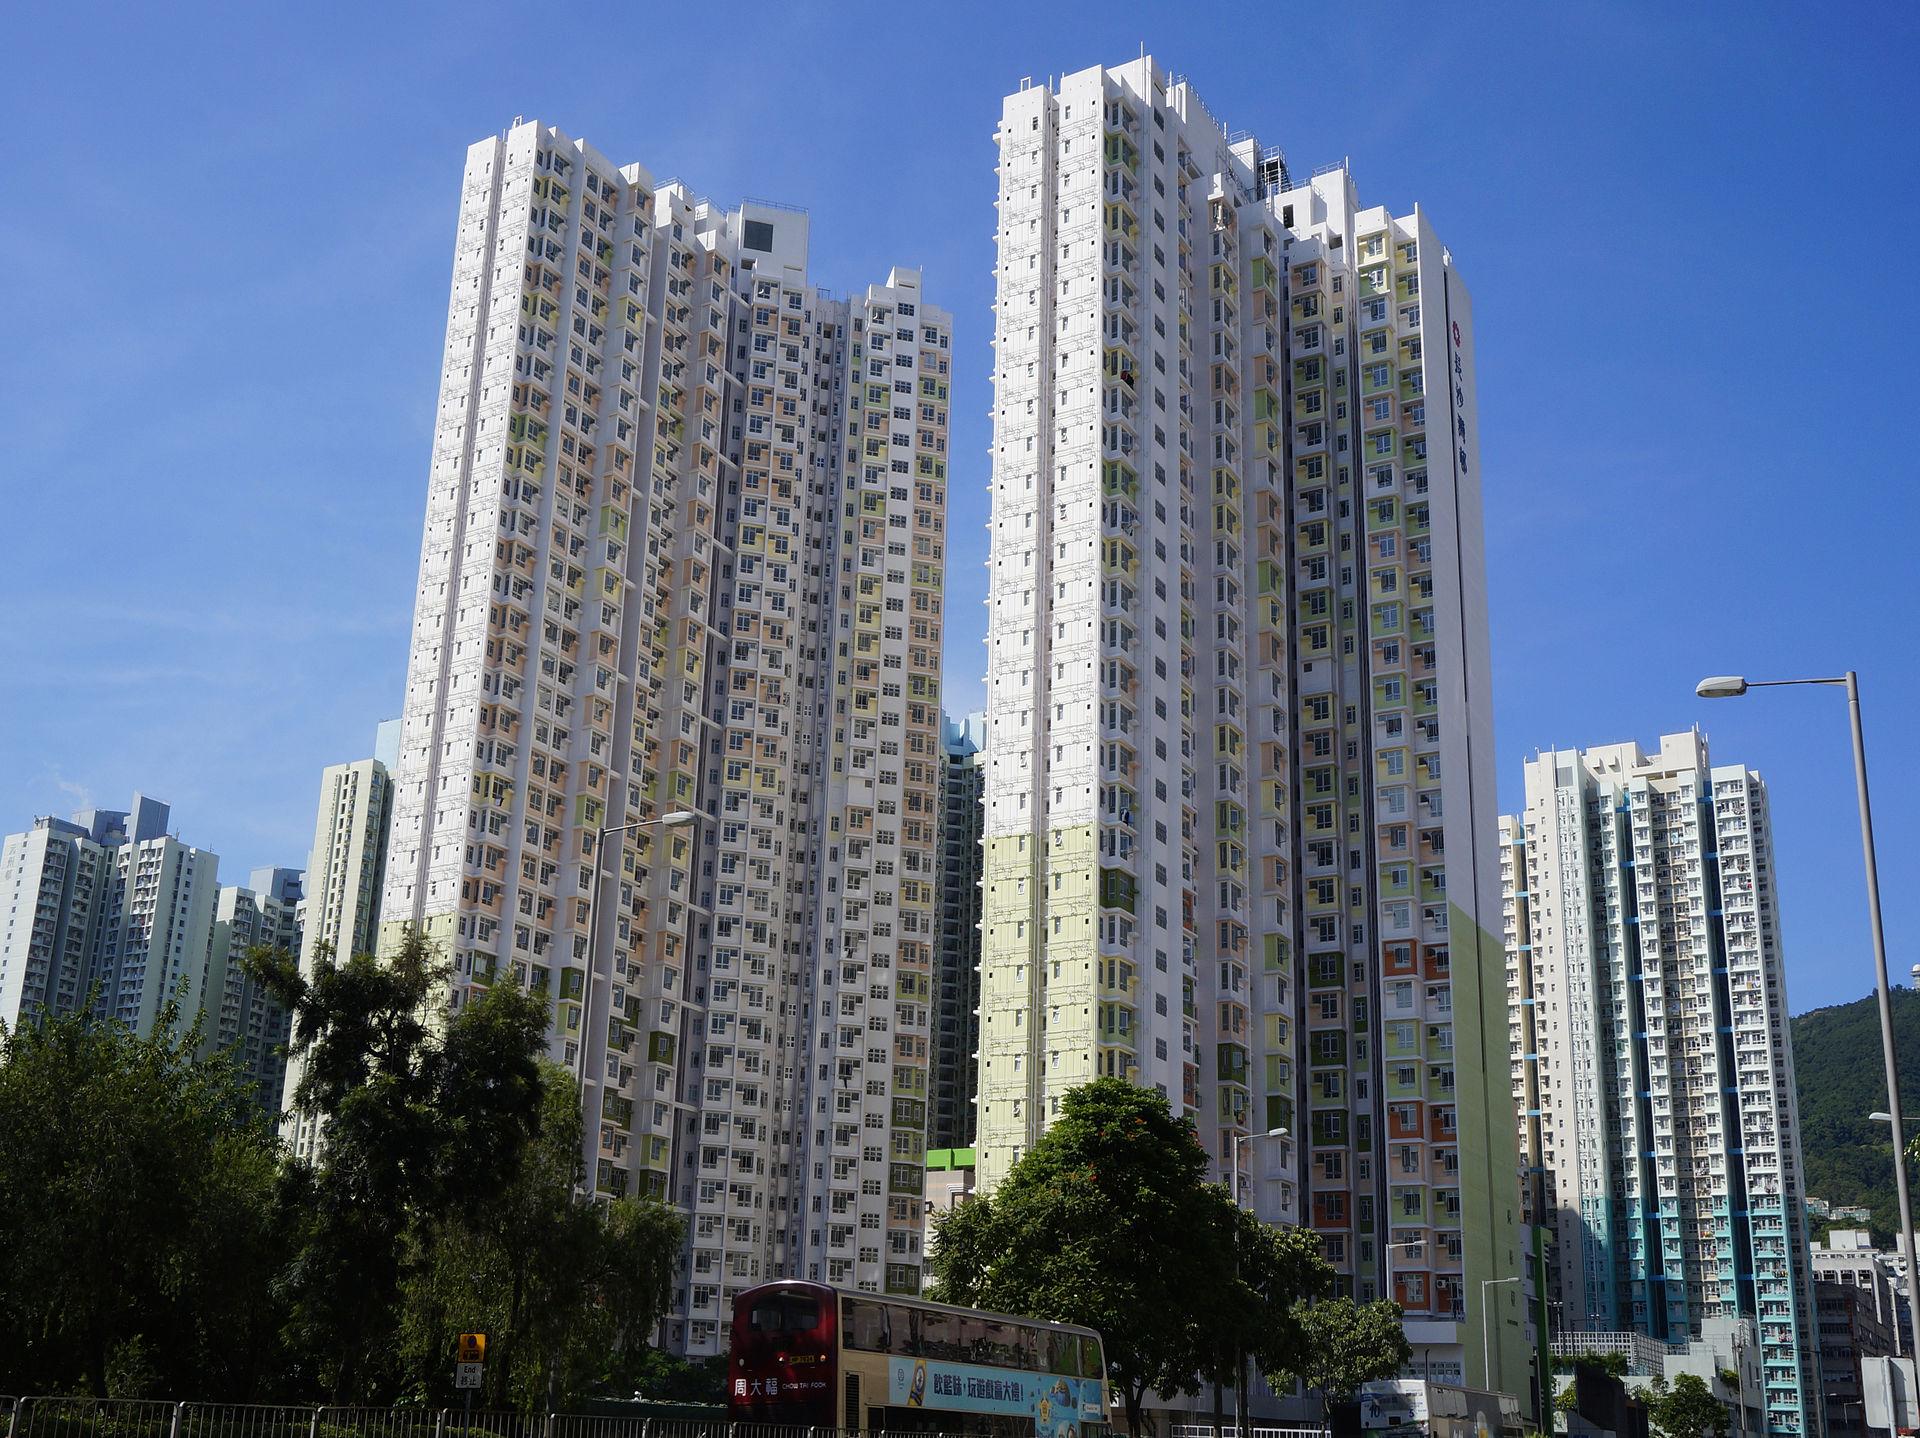 Public housing estates in Cheung Sha Wan - Wikipedia